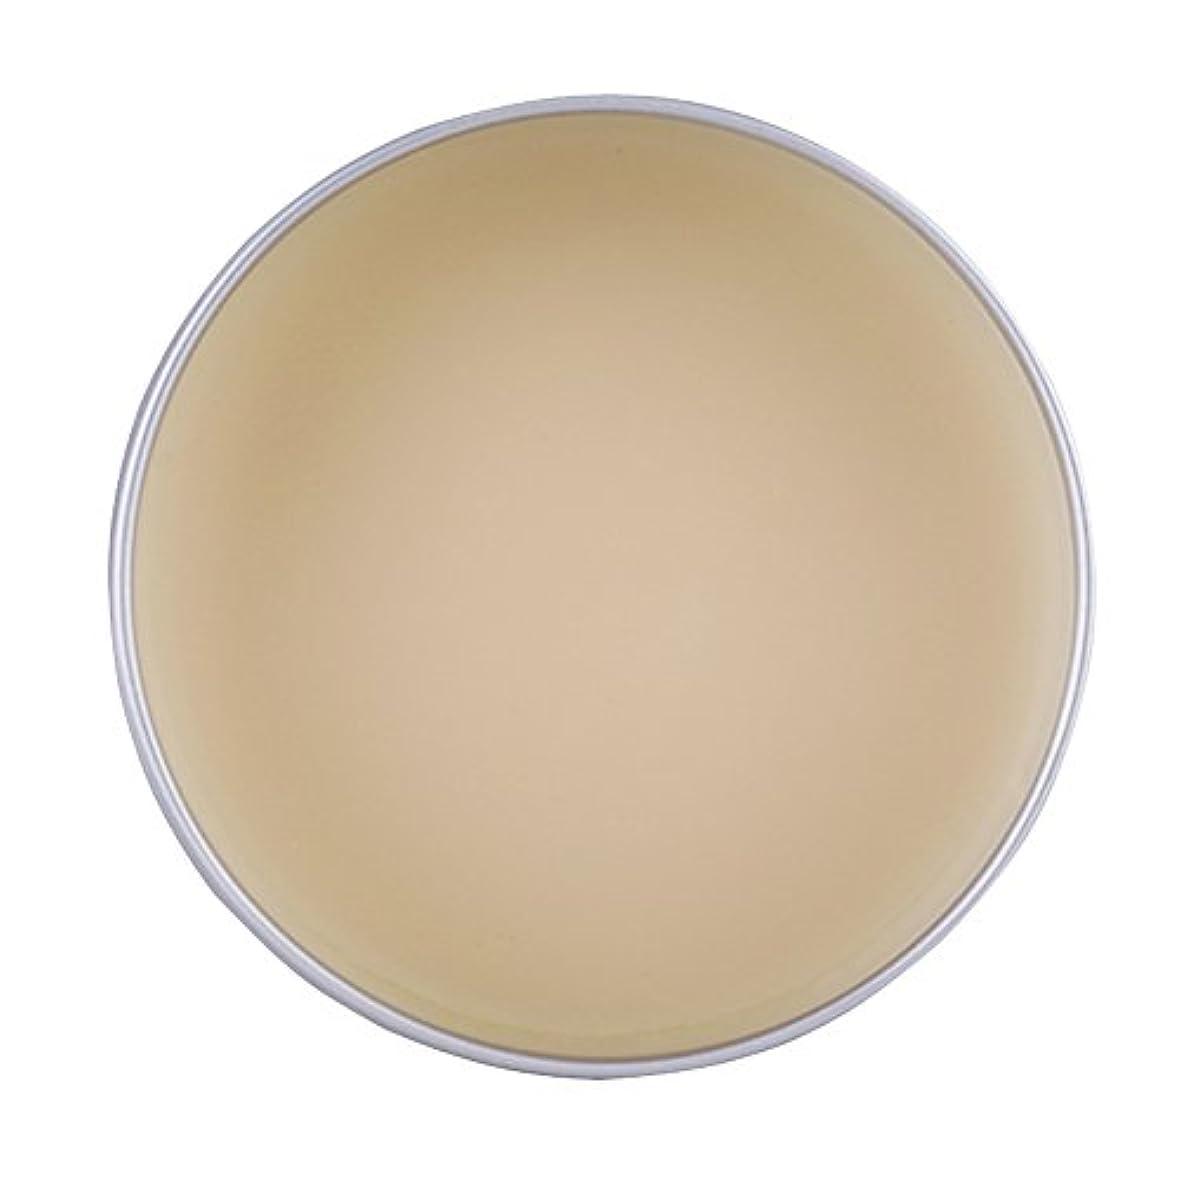 突破口鍔疫病5タイププロフェッショナル偽の創傷修復カバー瘢痕眉毛クリームワックスメイクアップ化粧品(2)